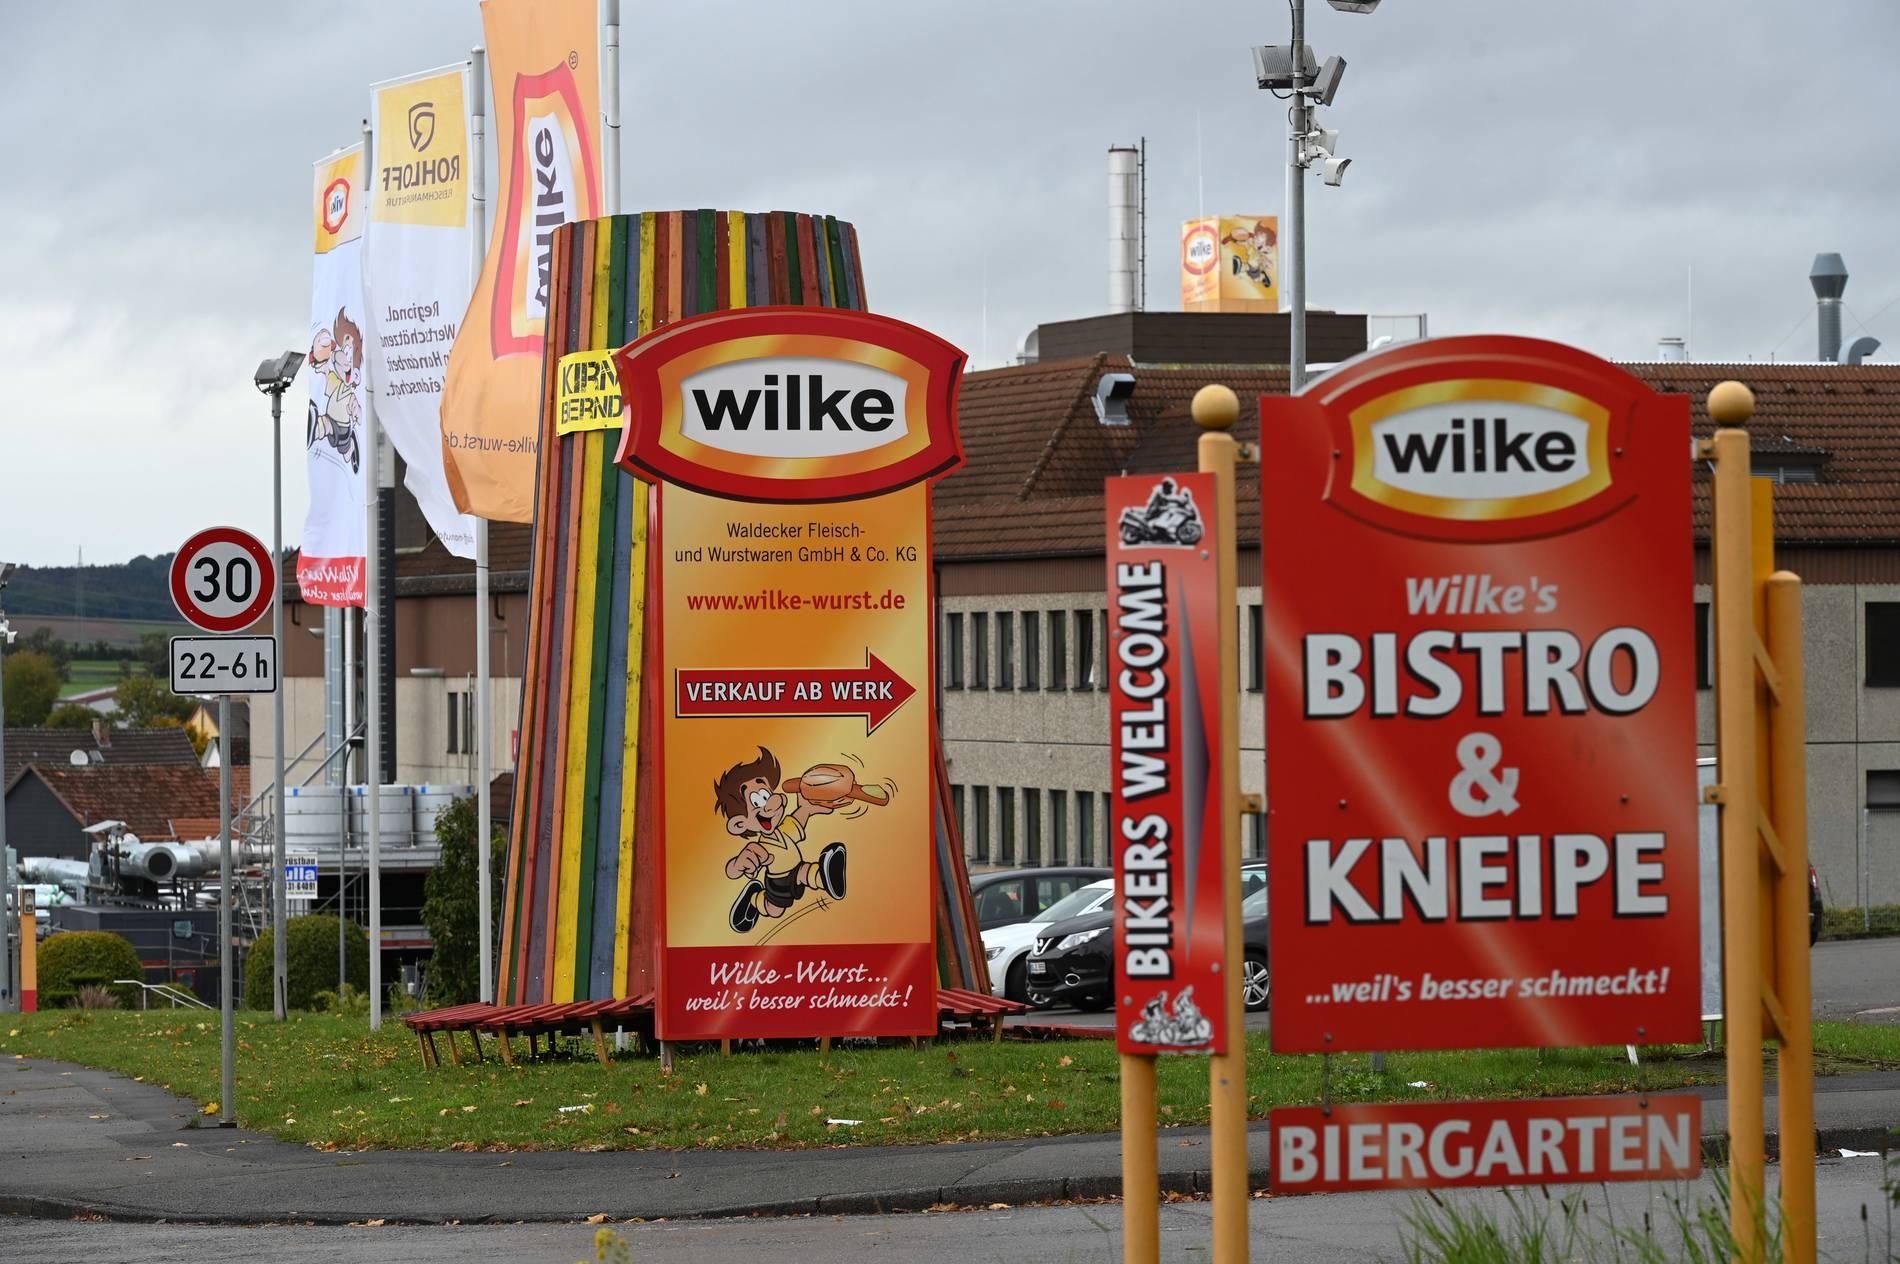 Wurst Von Wilke